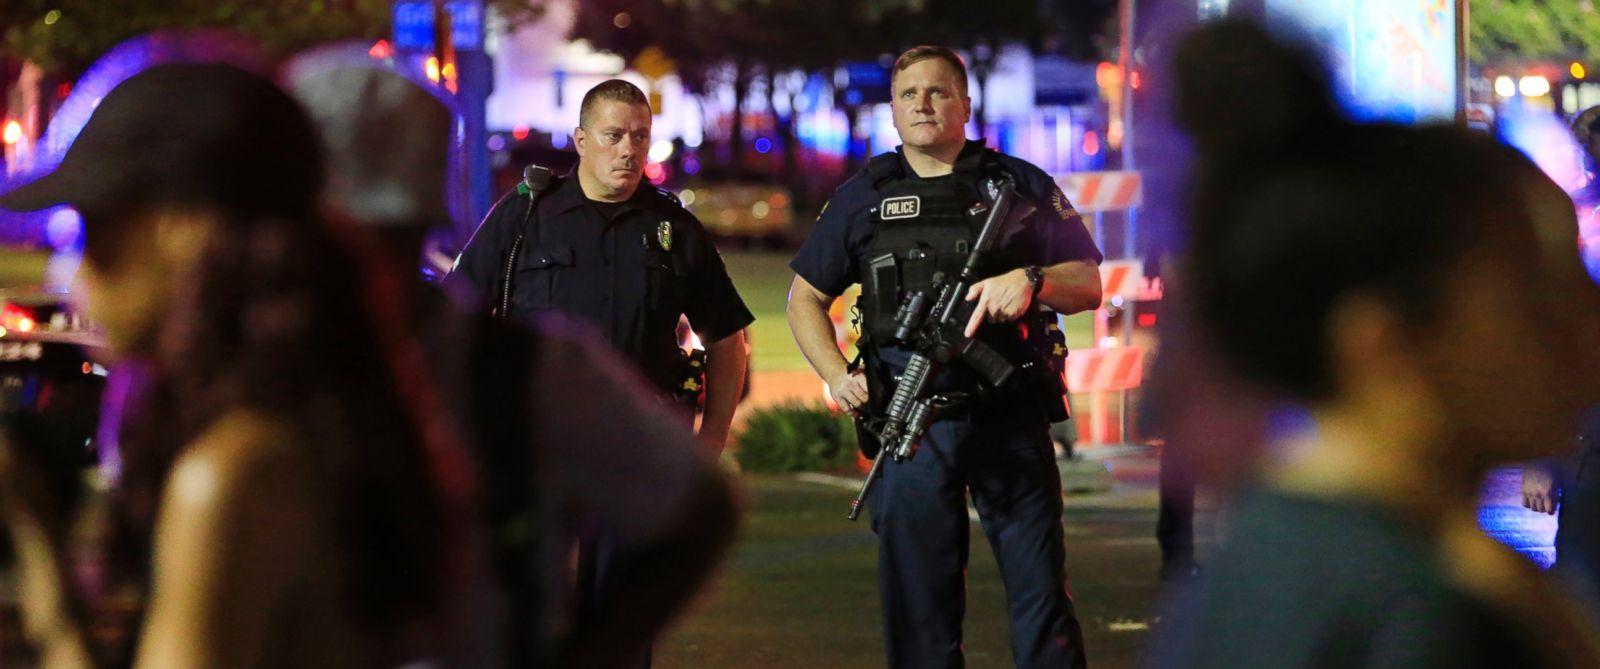 «Остановить плохого парня с пистолетом может только хороший парень с пистолетом». После событий в Далласе, это старое правило явно нуждается в корректировке.